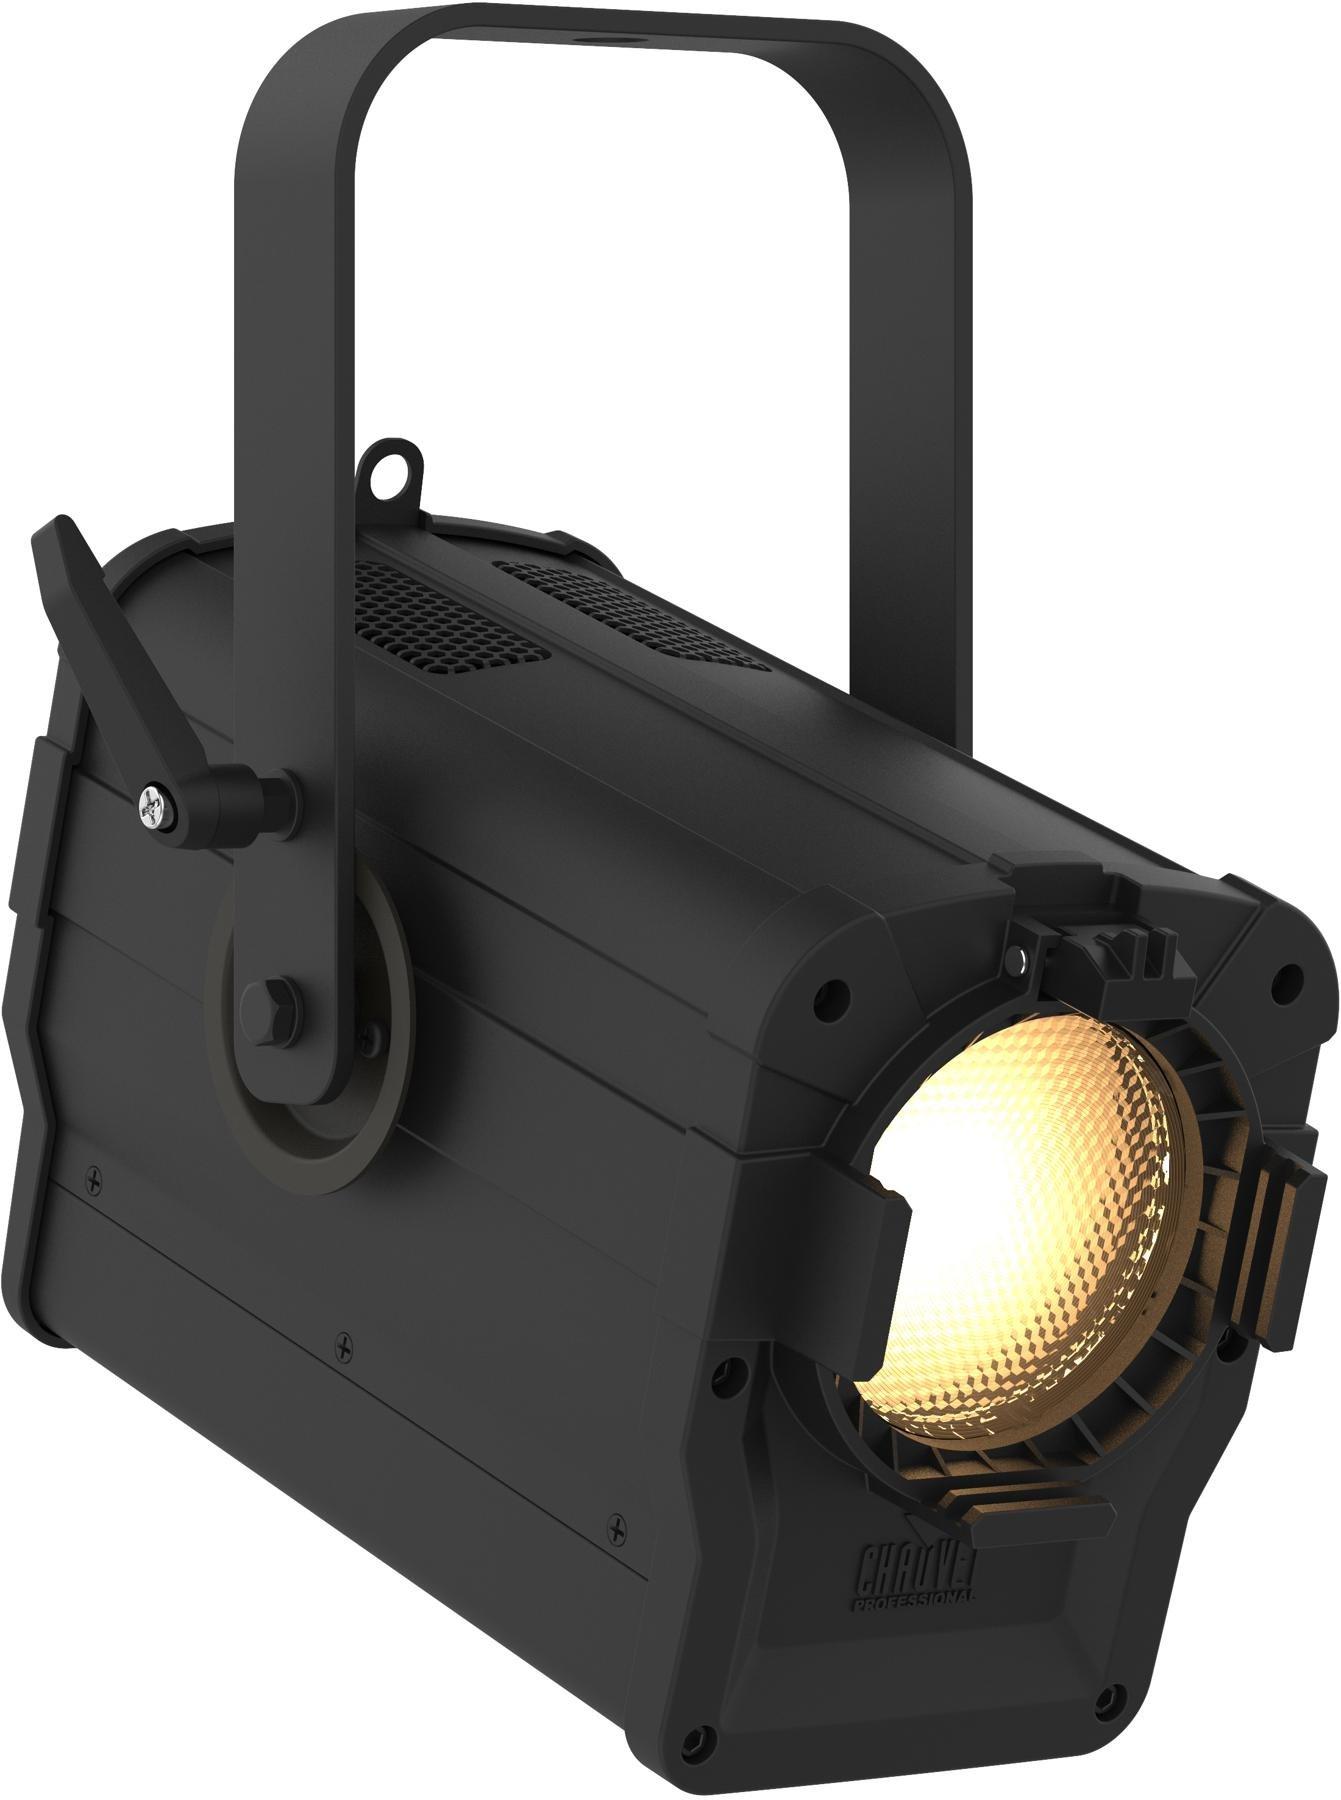 Chauvet Pro Ovation F 55WW 36W Warm White LED Fresnel